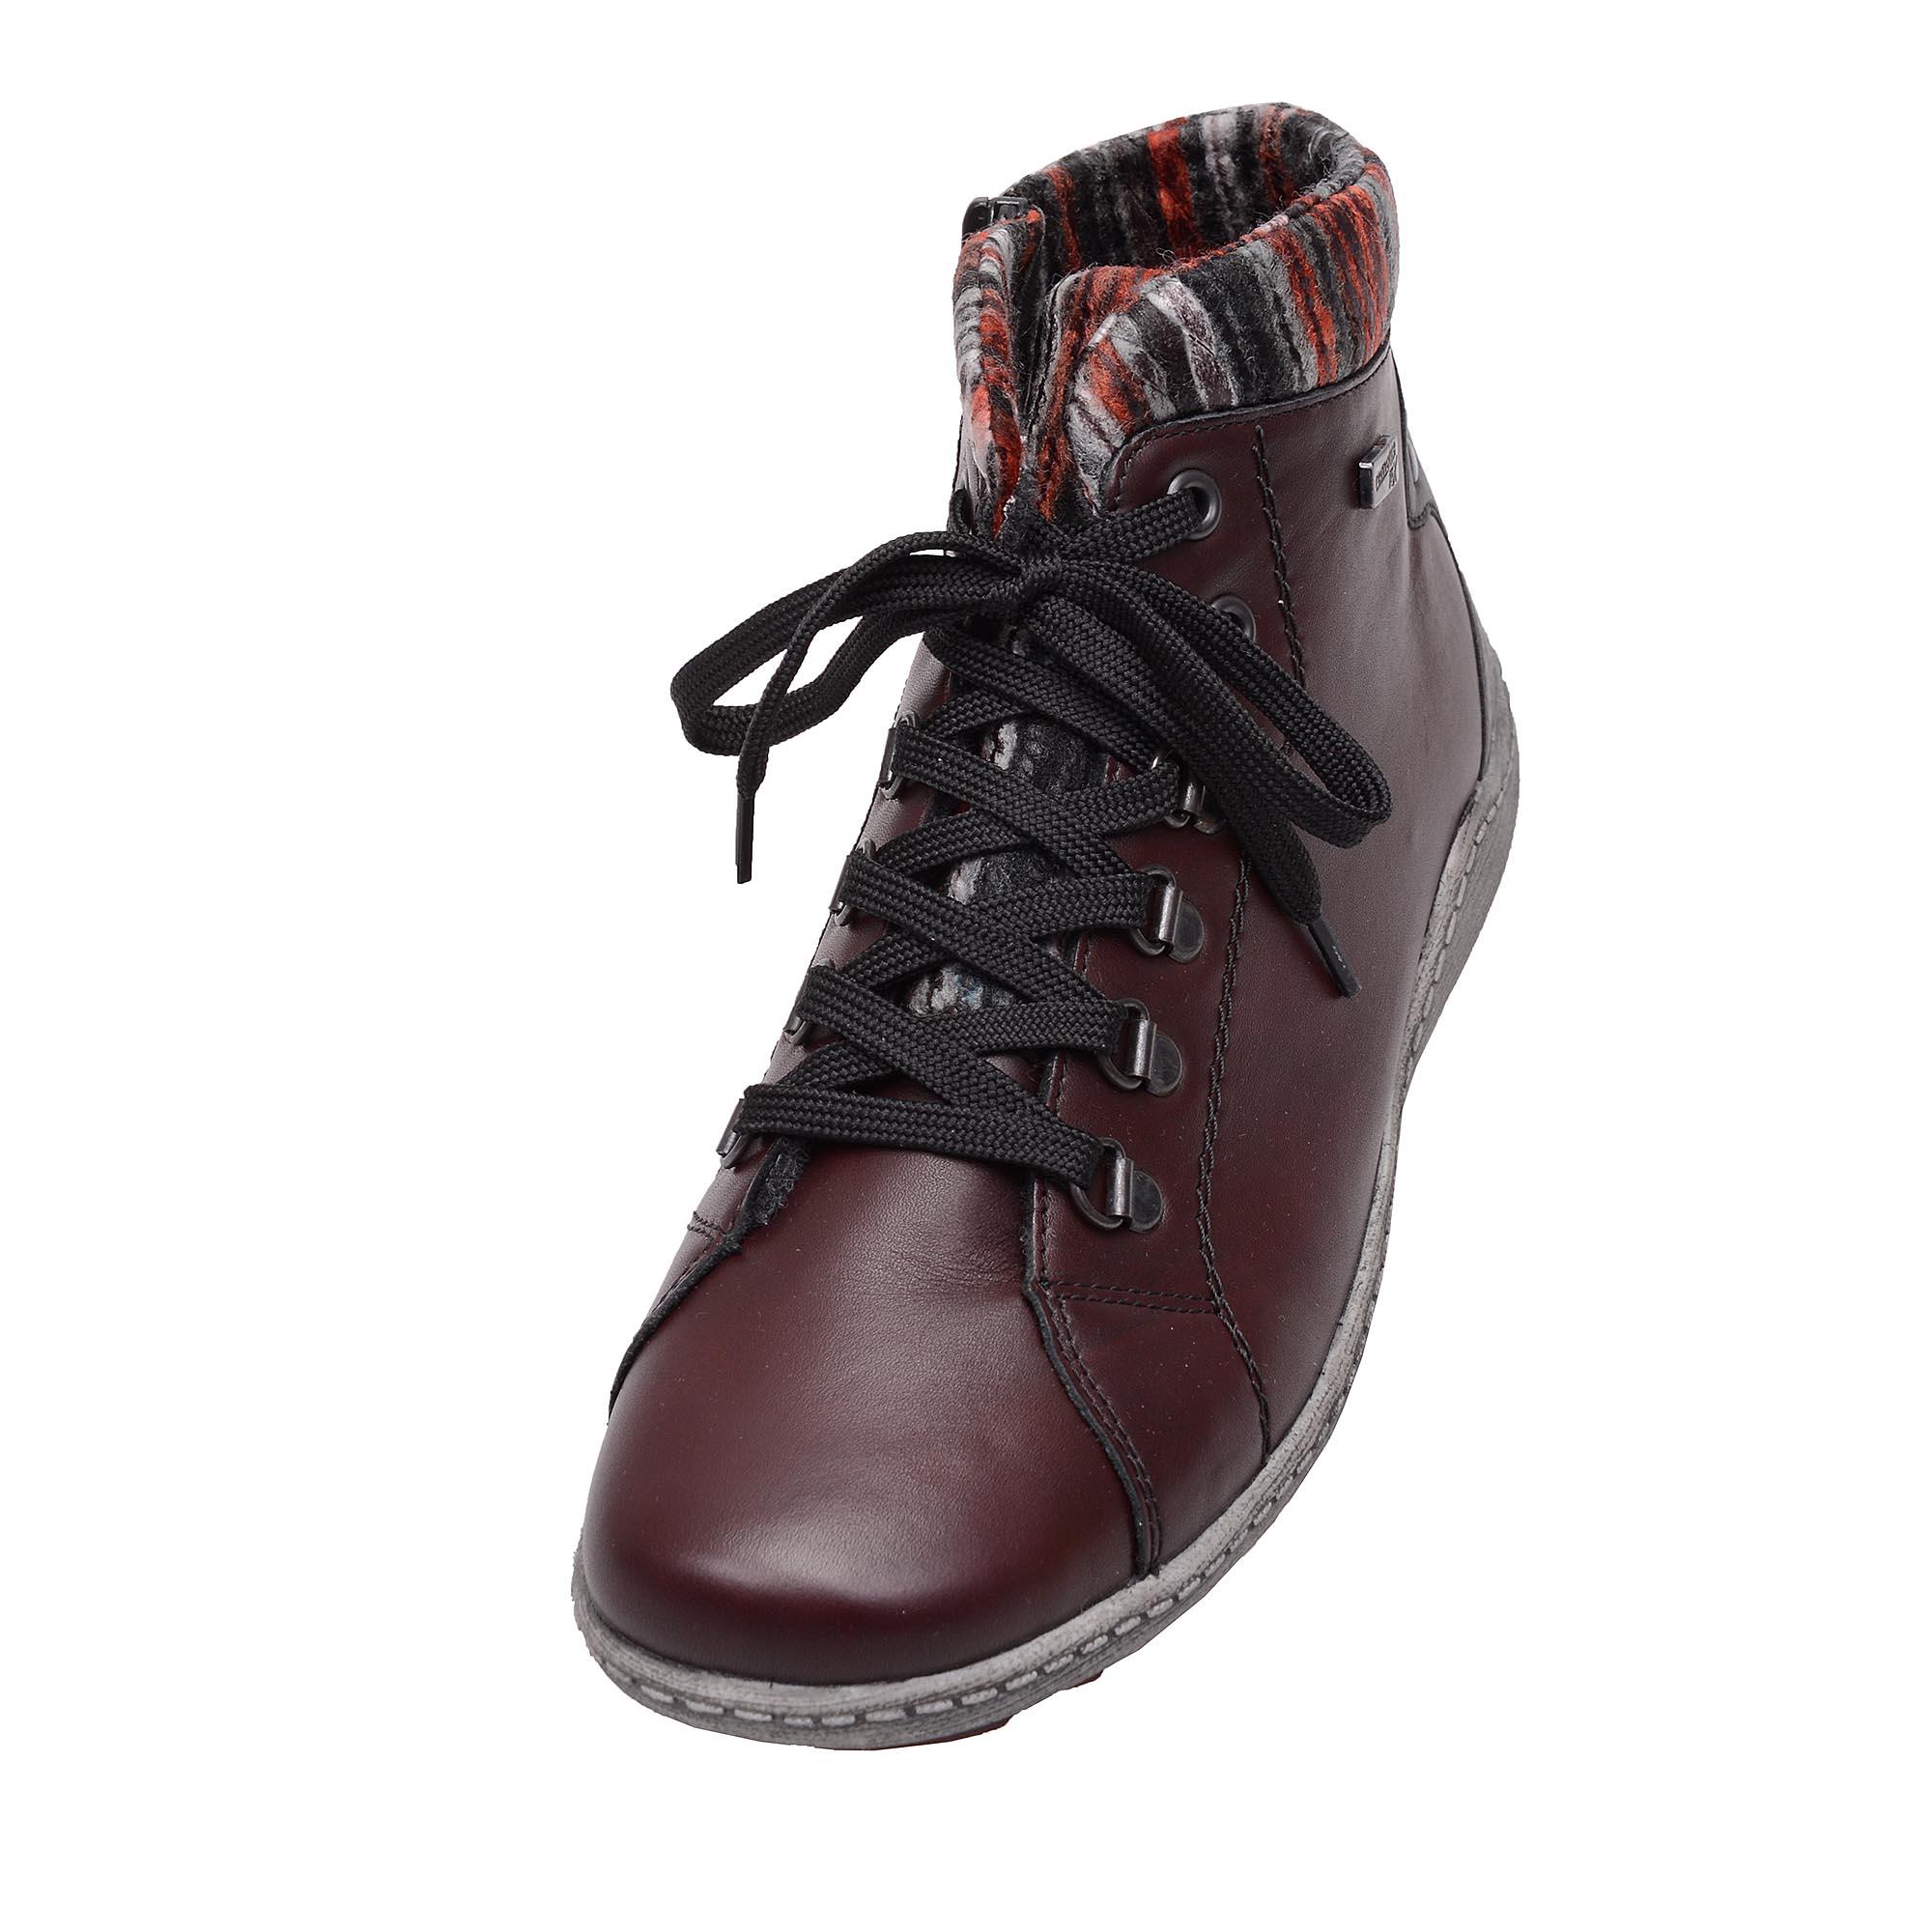 detail Dámská obuv REMONTE - RIEKER R1473 35 ROT KOMBI H W 6 c10049f4046